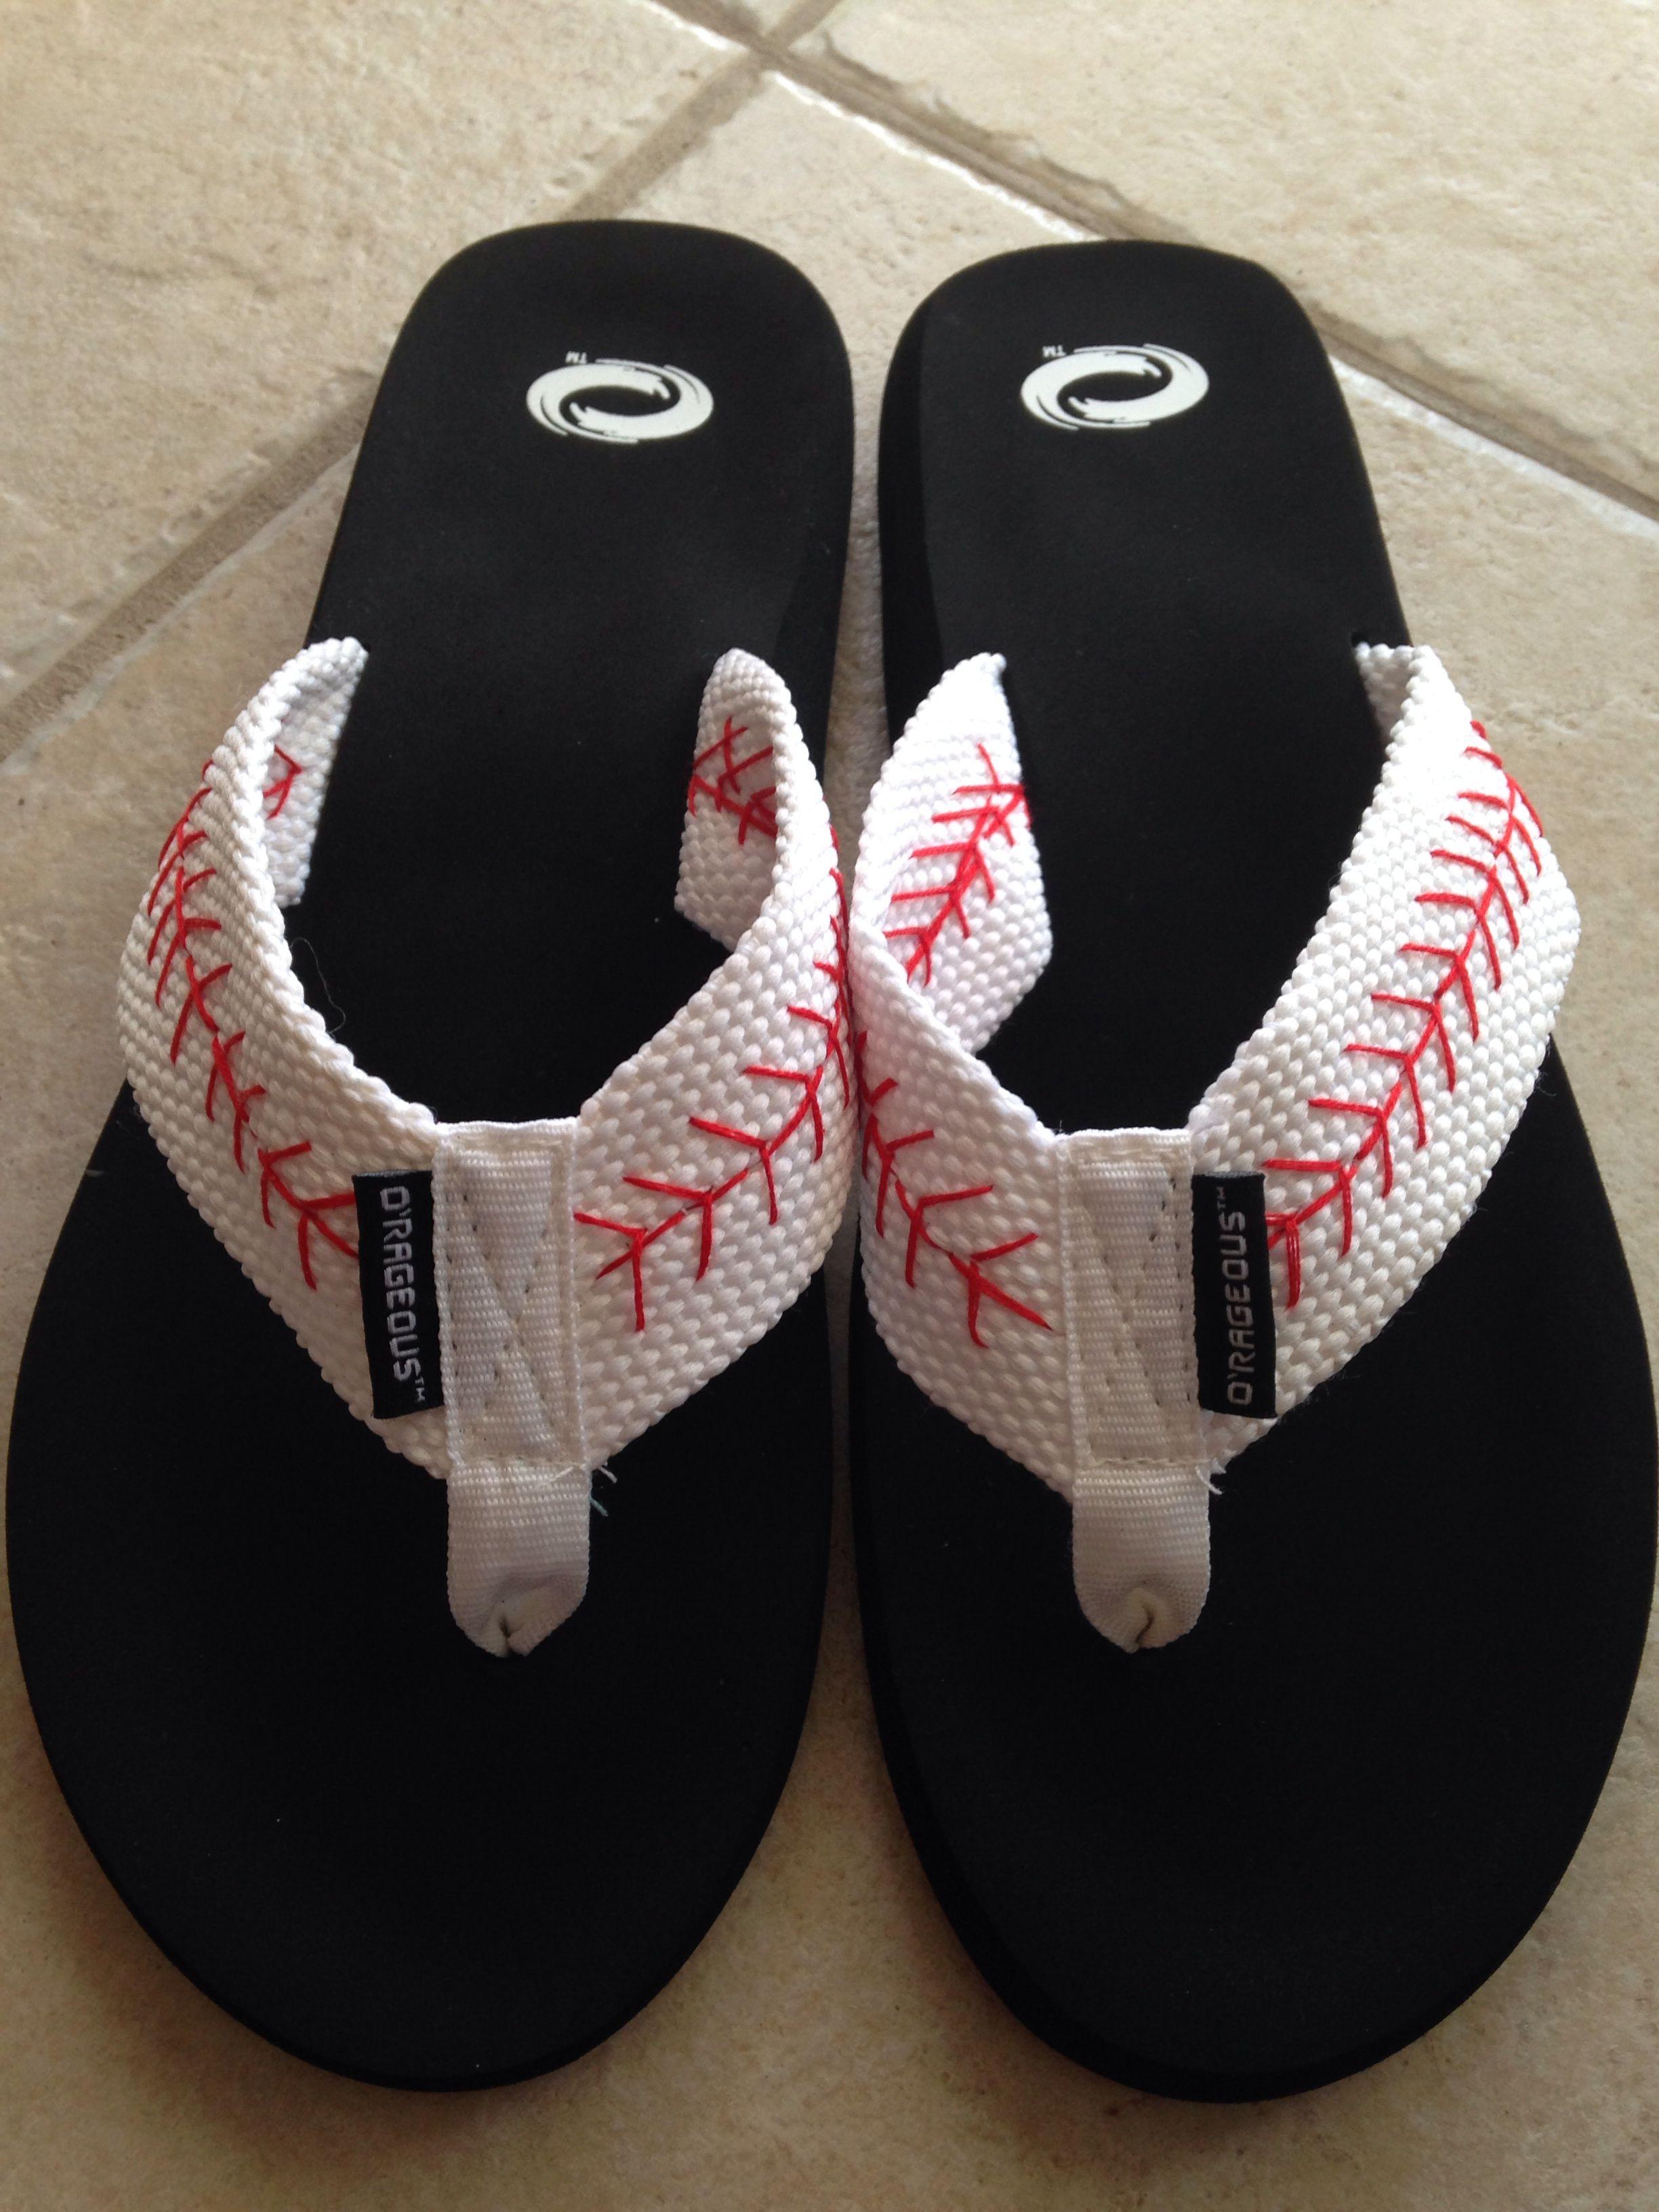 30dae5800135 Diy baseball flip flops